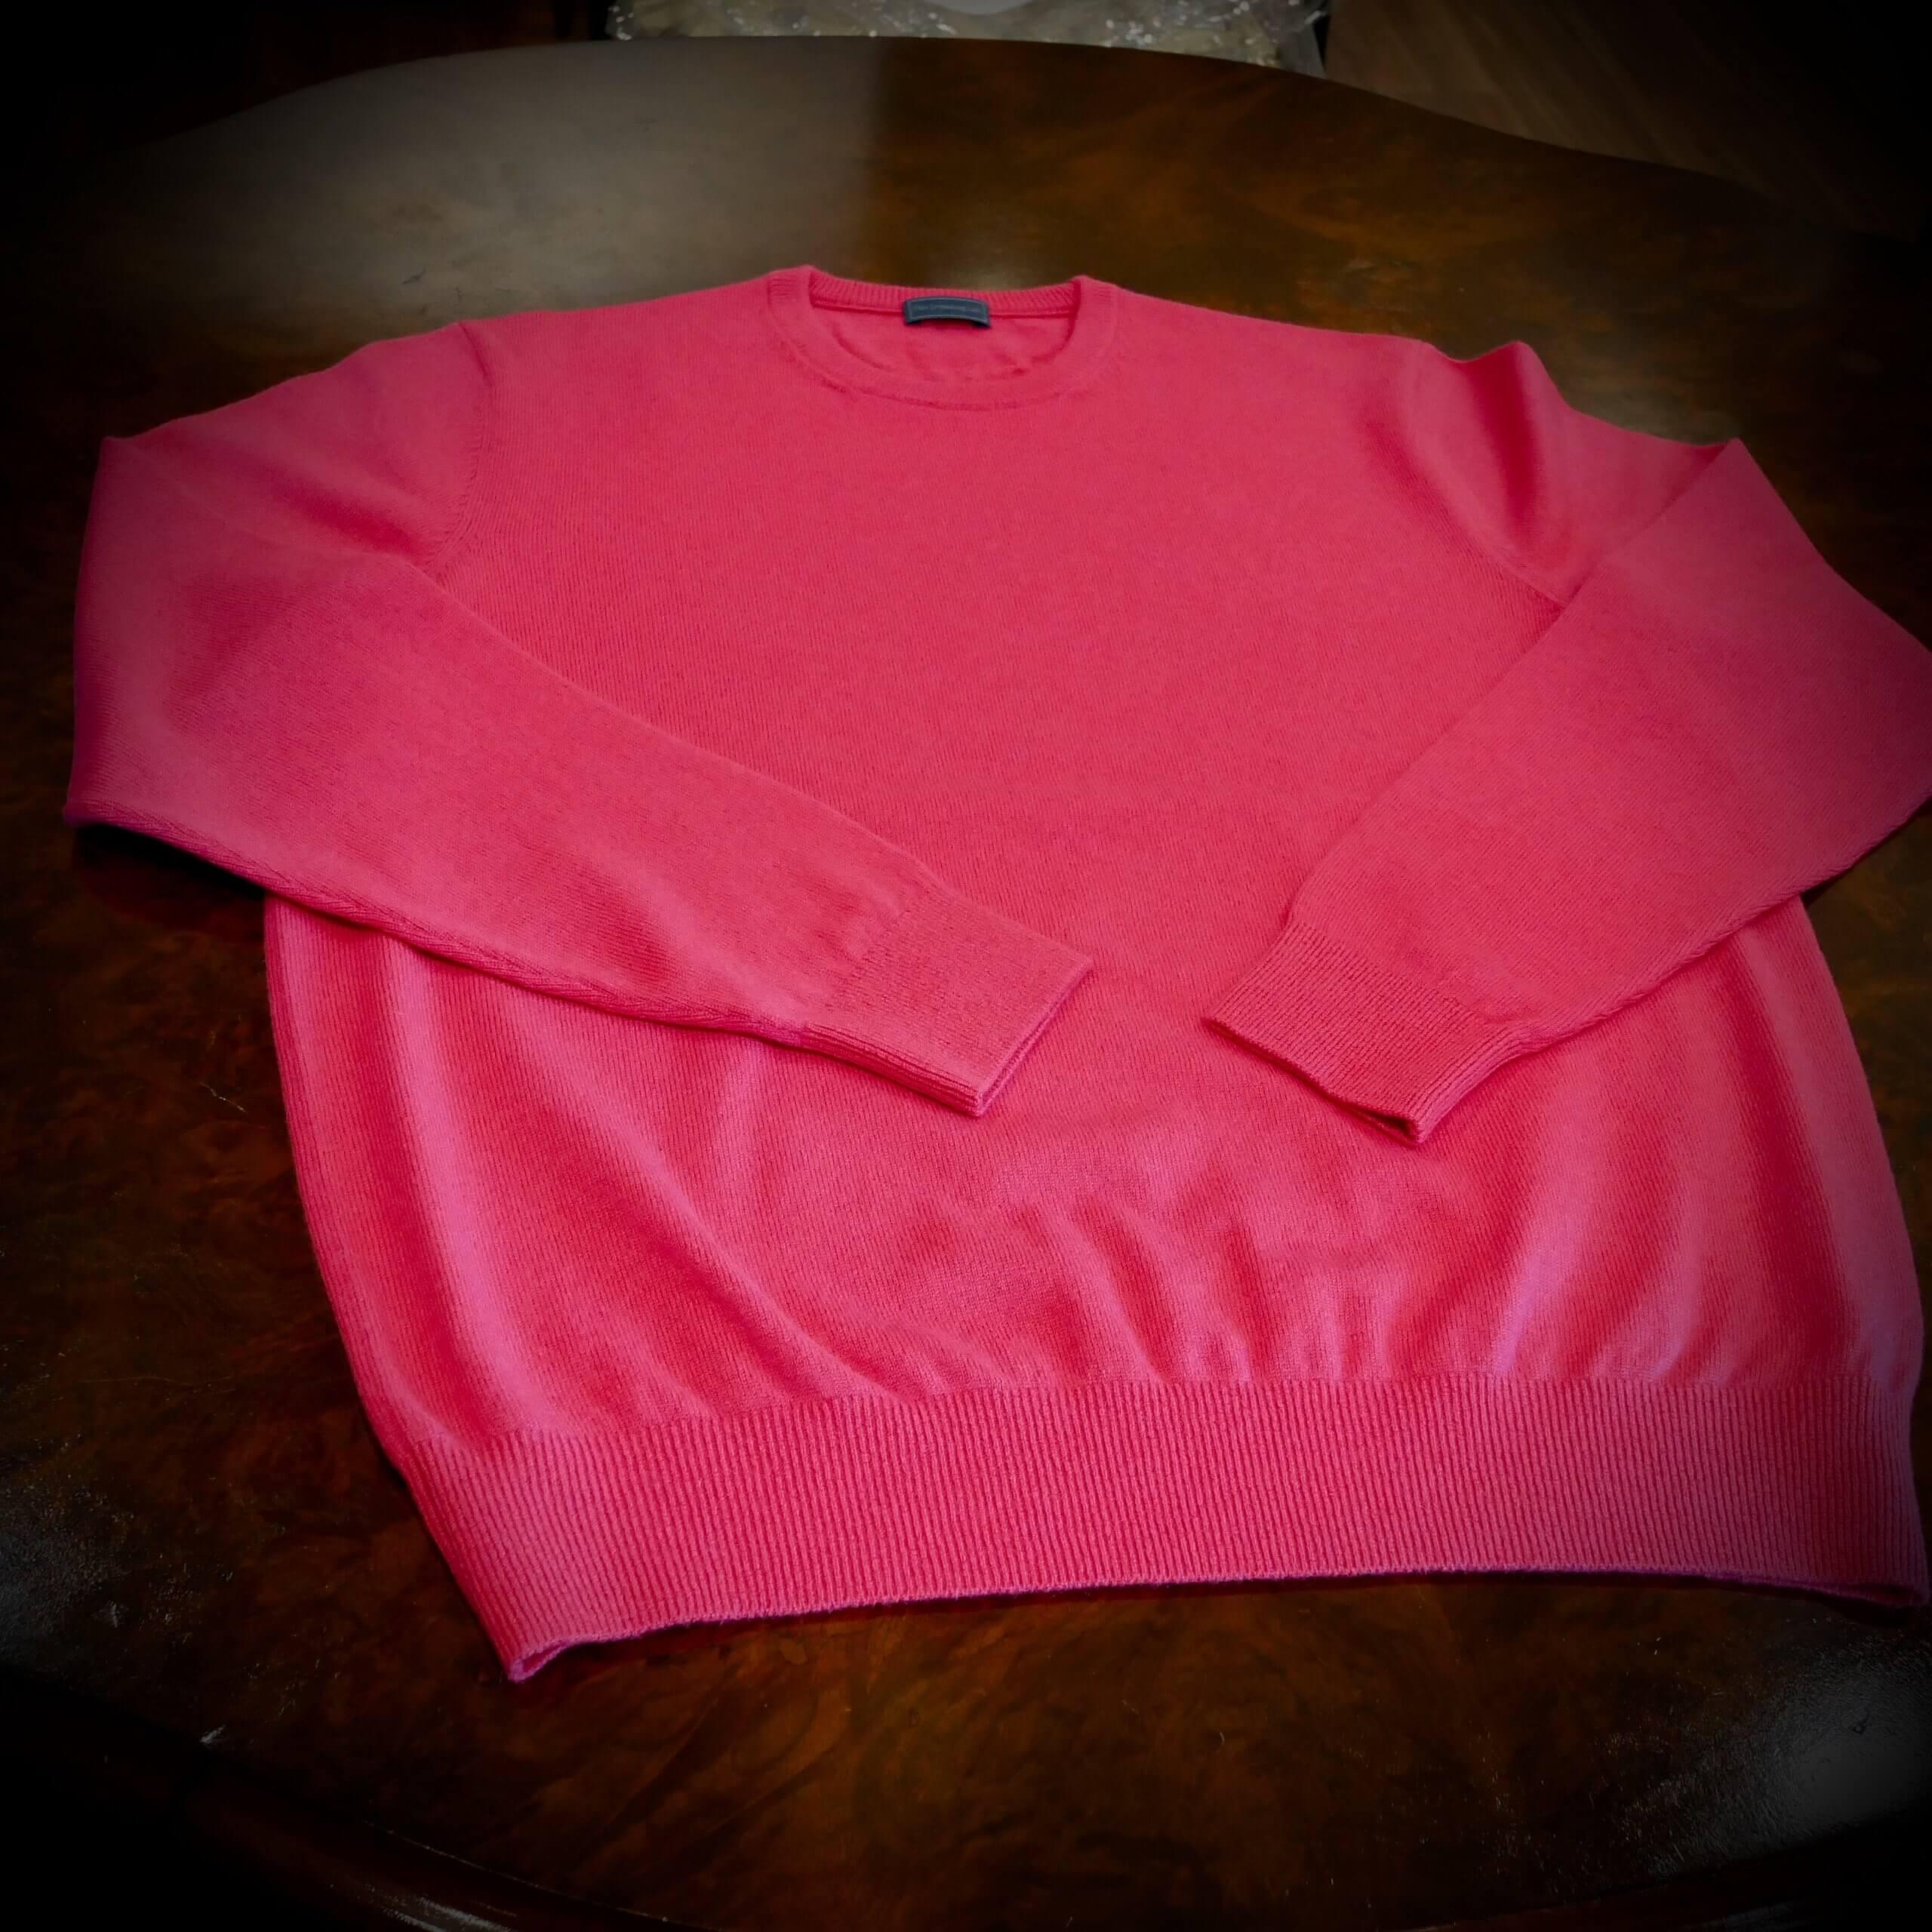 Knitwear_20201111_knitwear_6.jpg